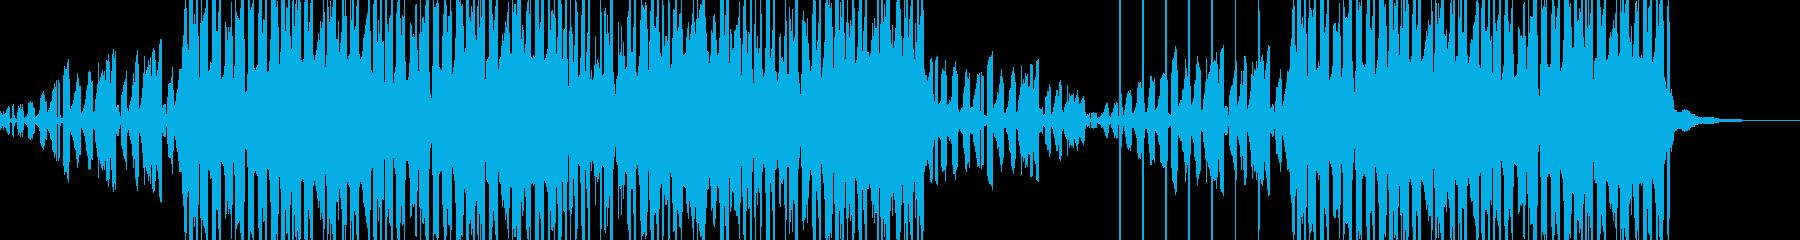 レトロ ゆっくり 魅惑 感情的 バ...の再生済みの波形